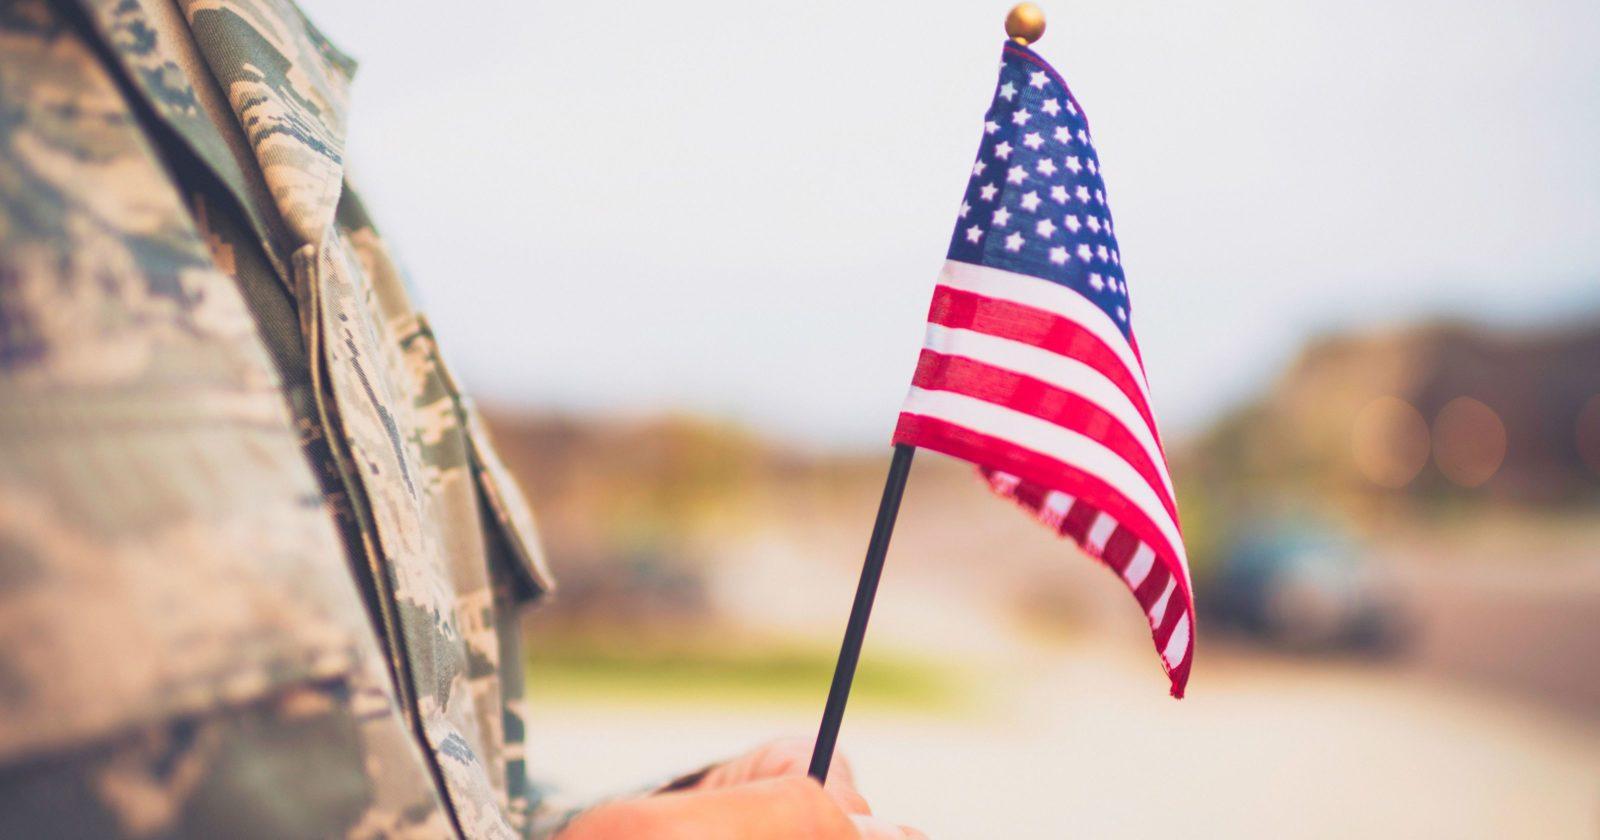 636774728573309720-veterans-day-deals-hero-e1573432972486.jpg